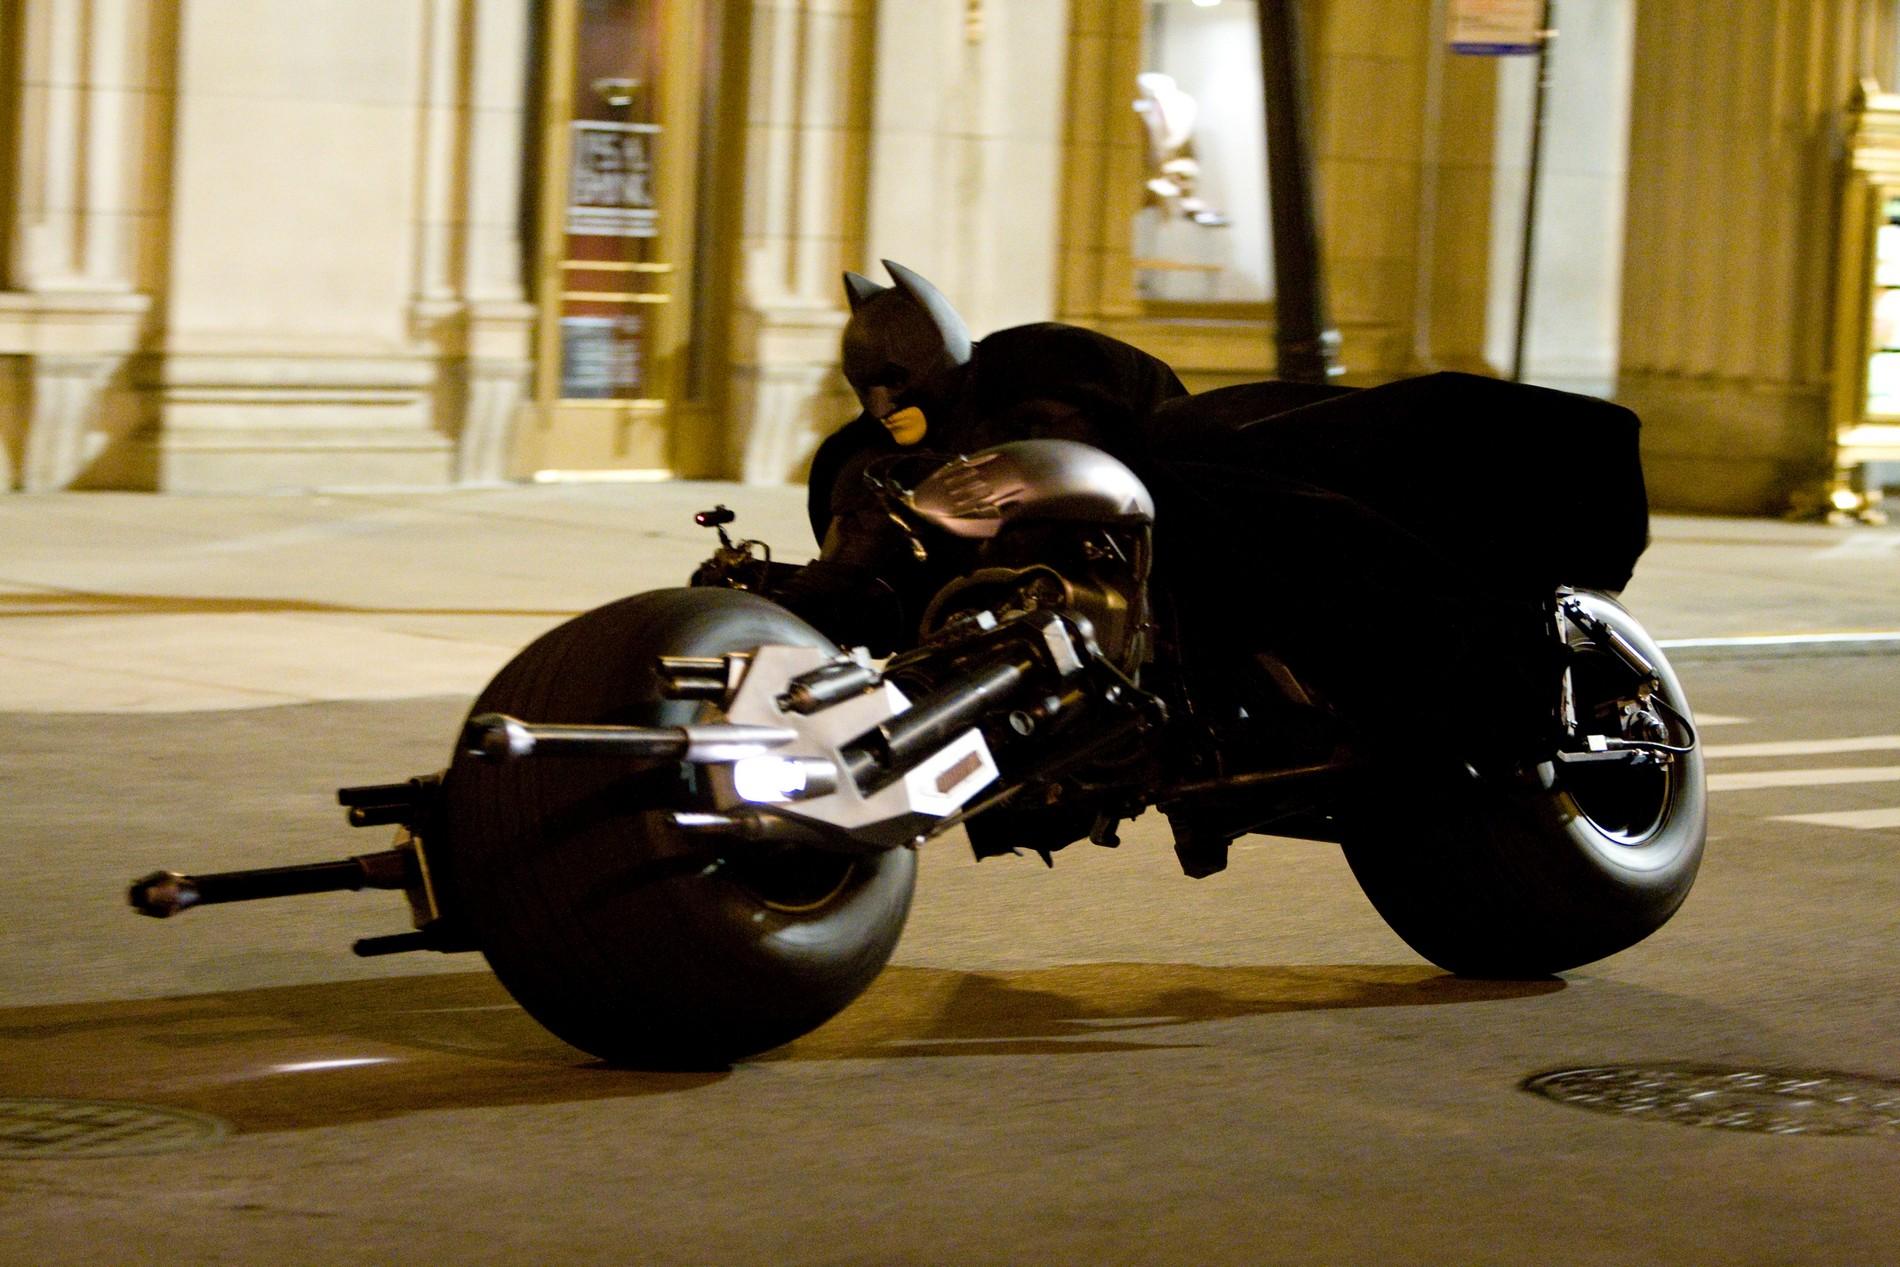 holy fat tires batman